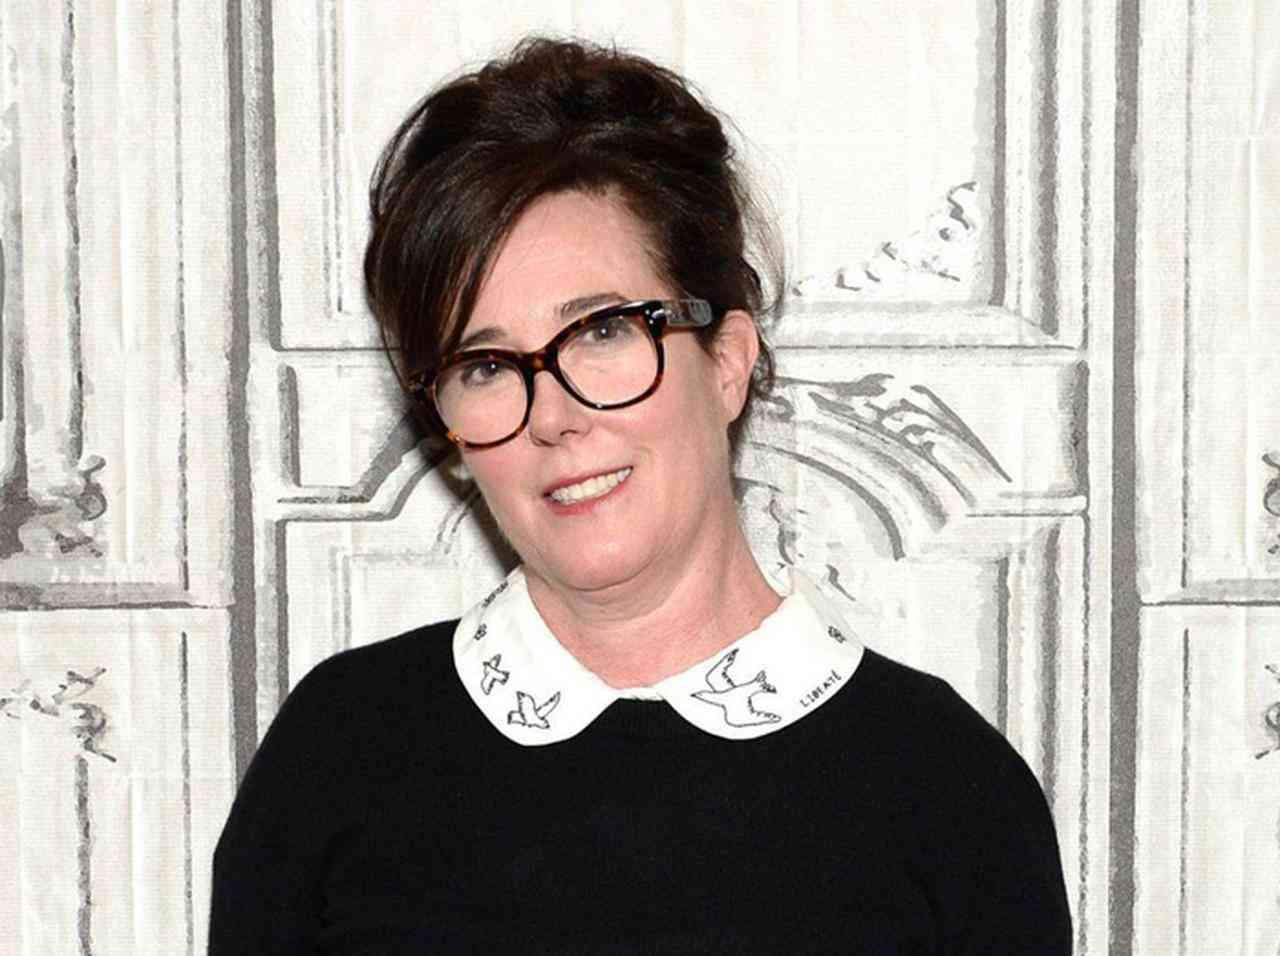 【訃報】デザイナーのケイト・スペードが自殺、セレブからも悲しみの声